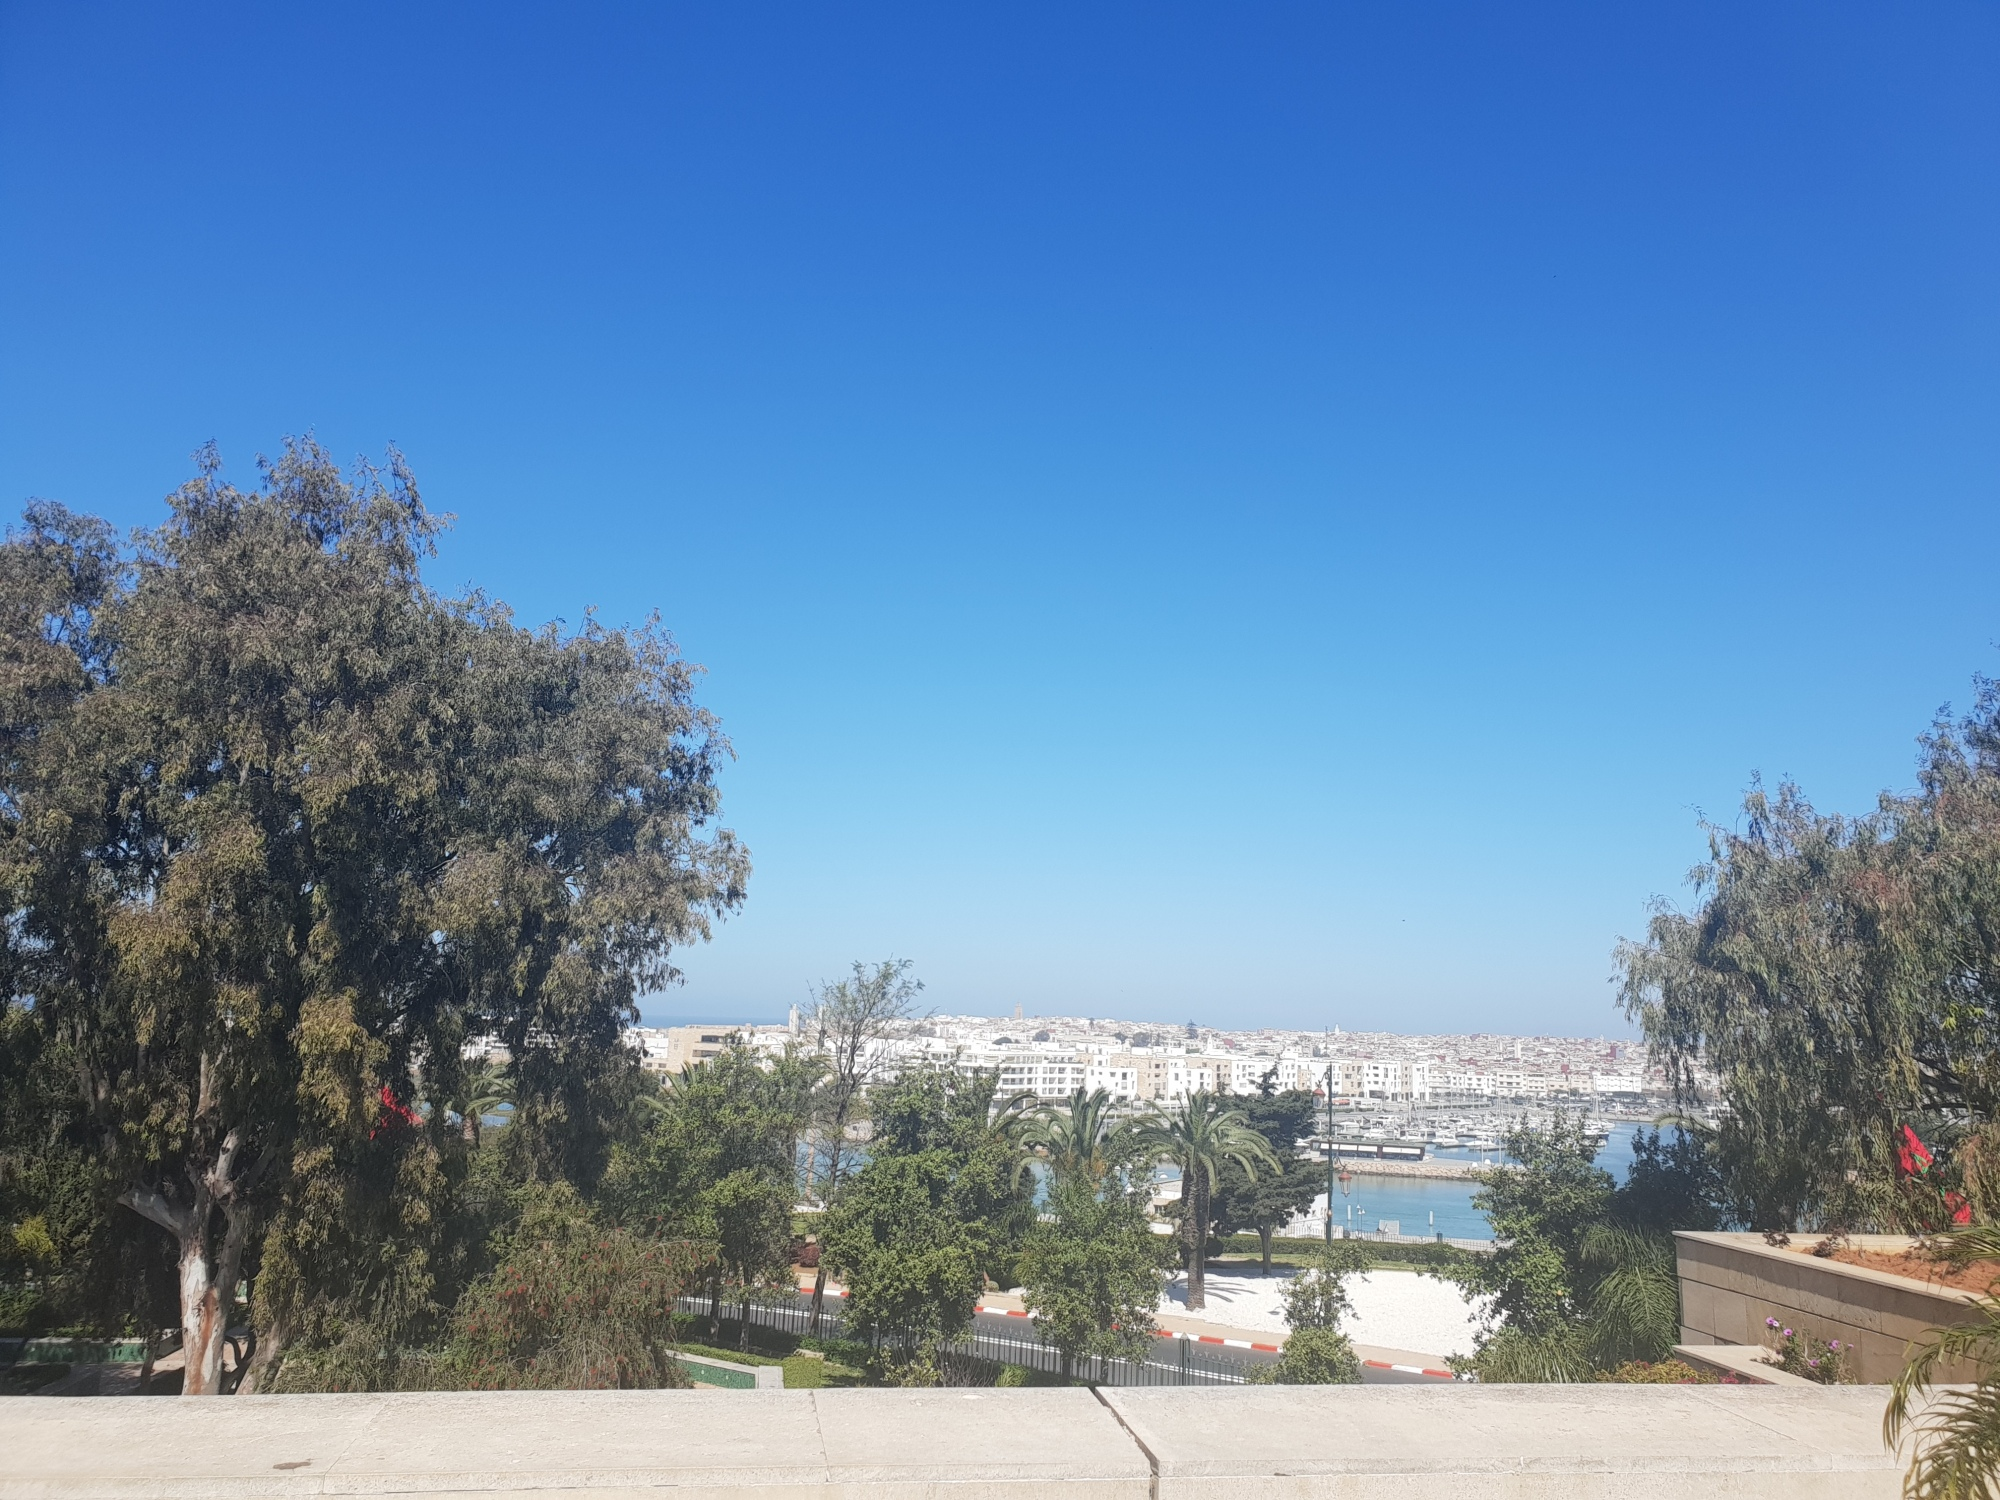 la vue sur le fleuve, la marina et Salé depuis le site de la tour